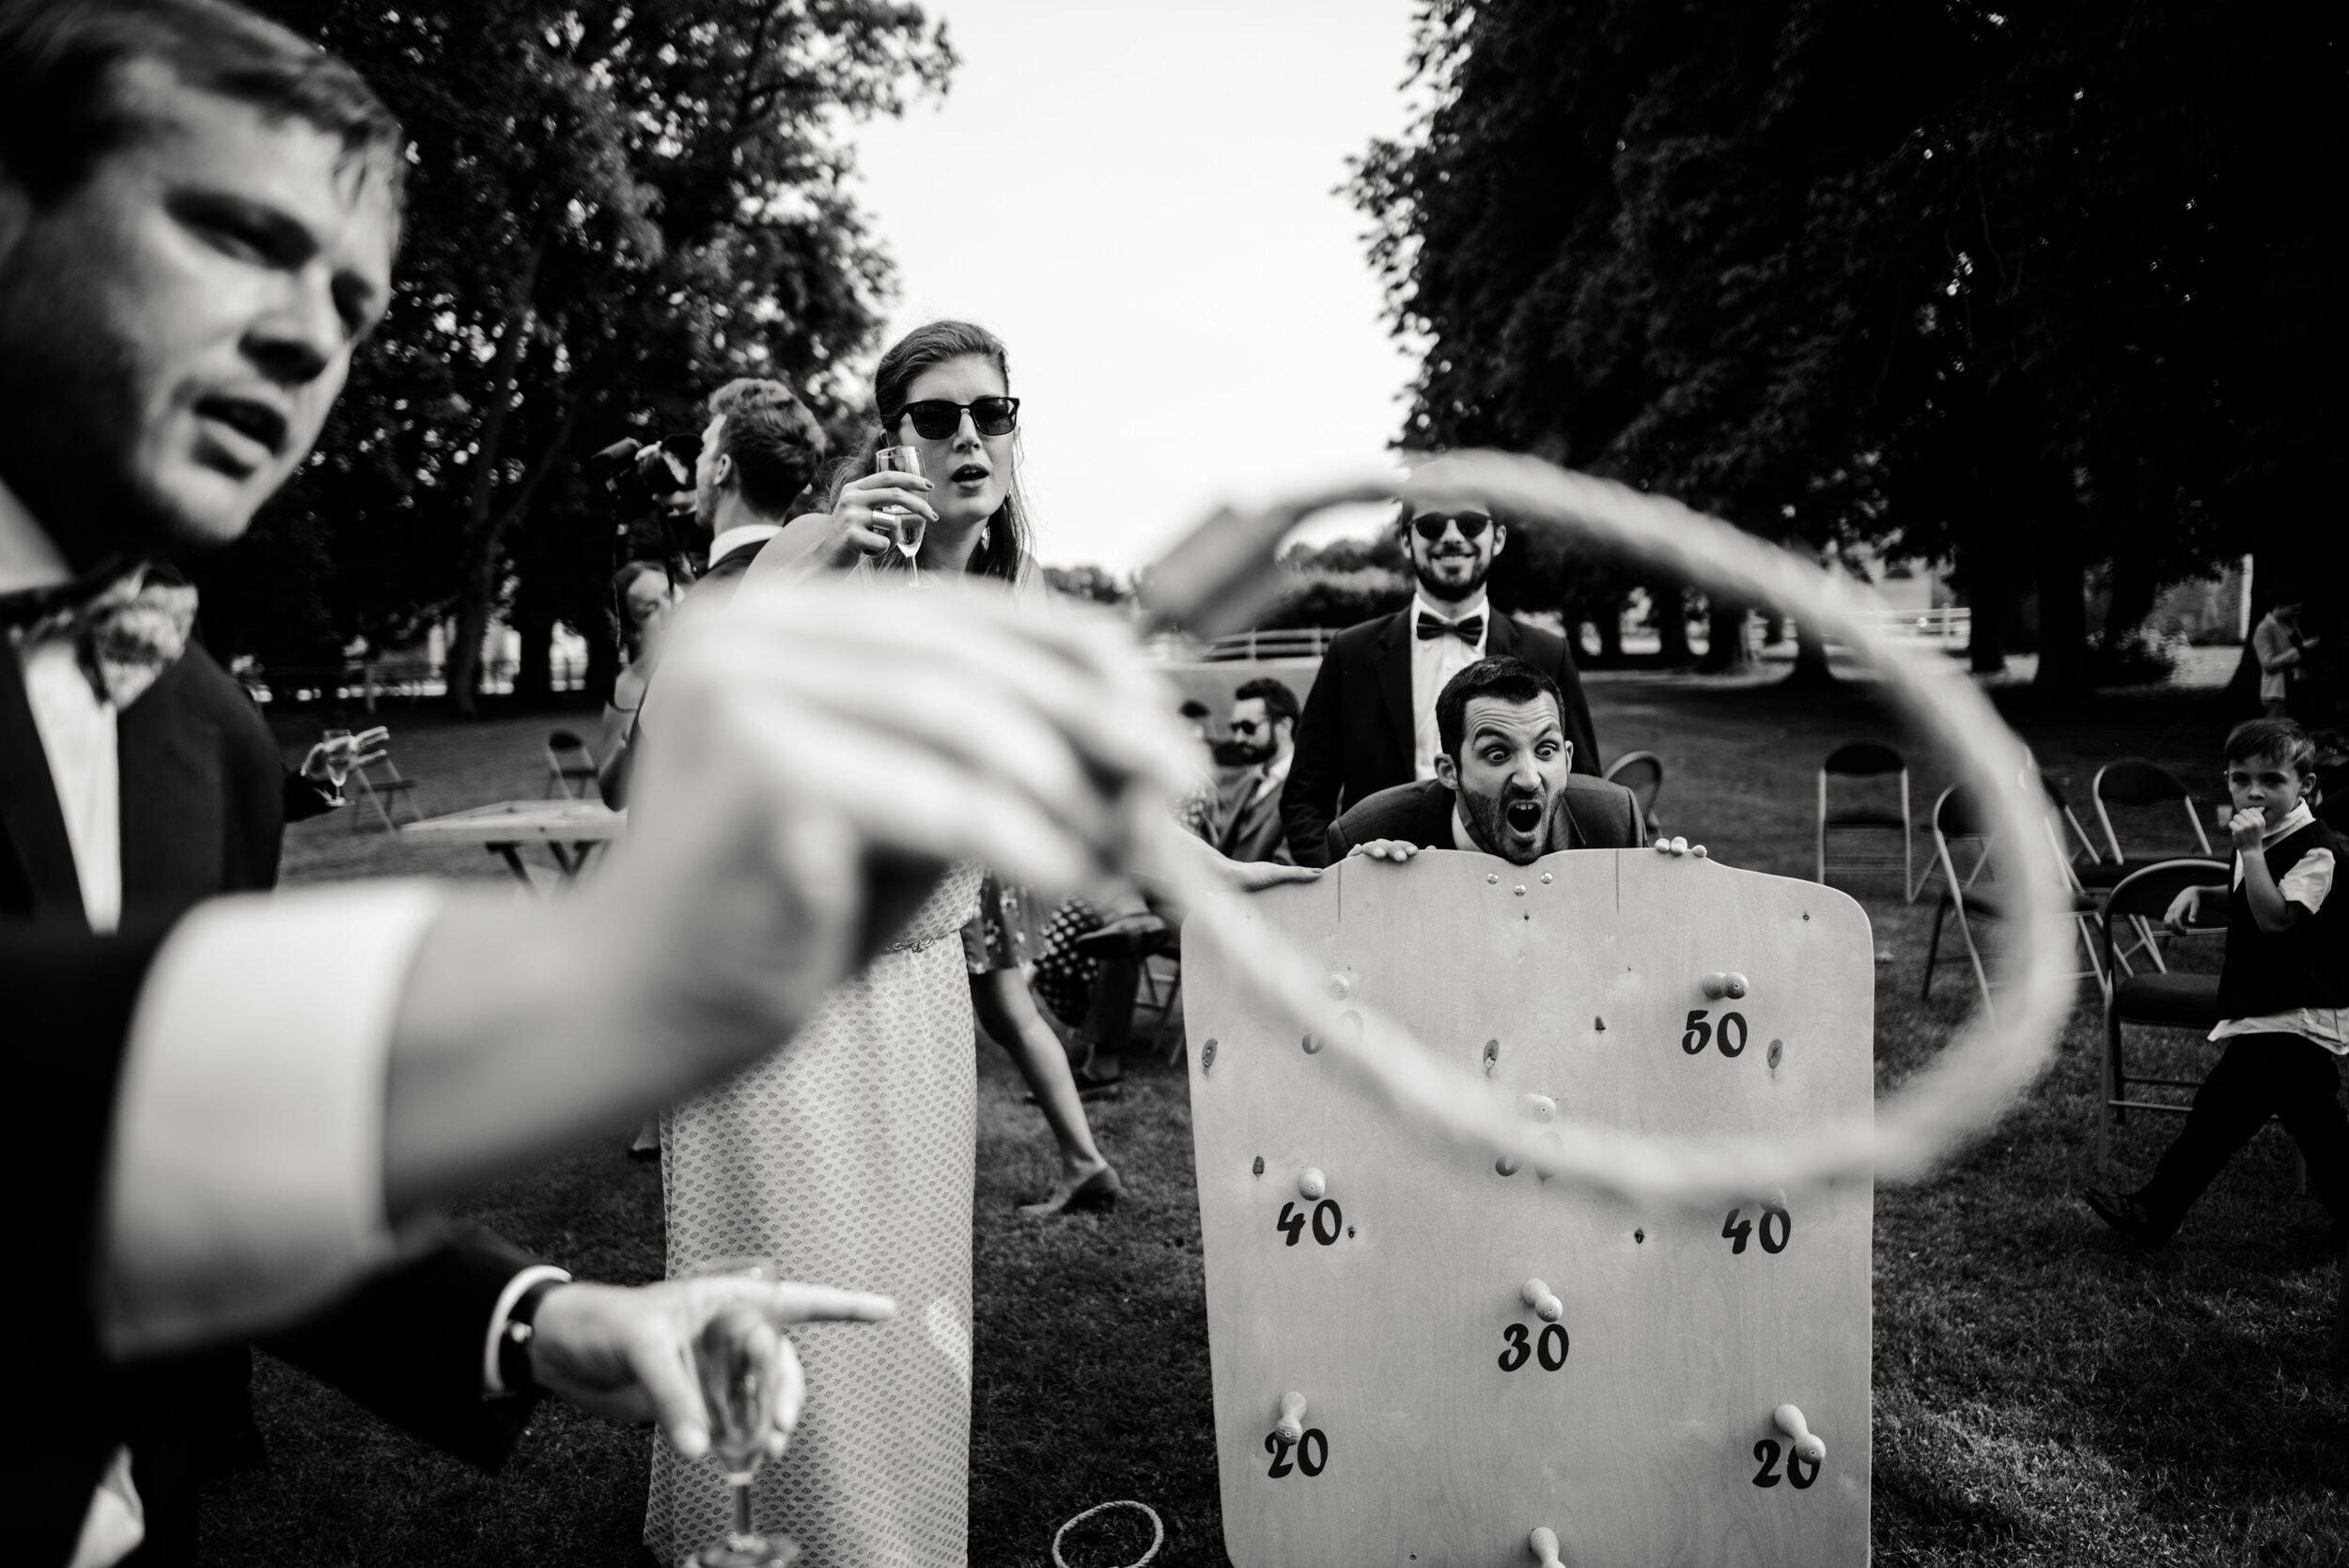 Léa-Fery-photographe-professionnel-lyon-rhone-alpes-portrait-creation-mariage-evenement-evenementiel-famille-2-227.jpg